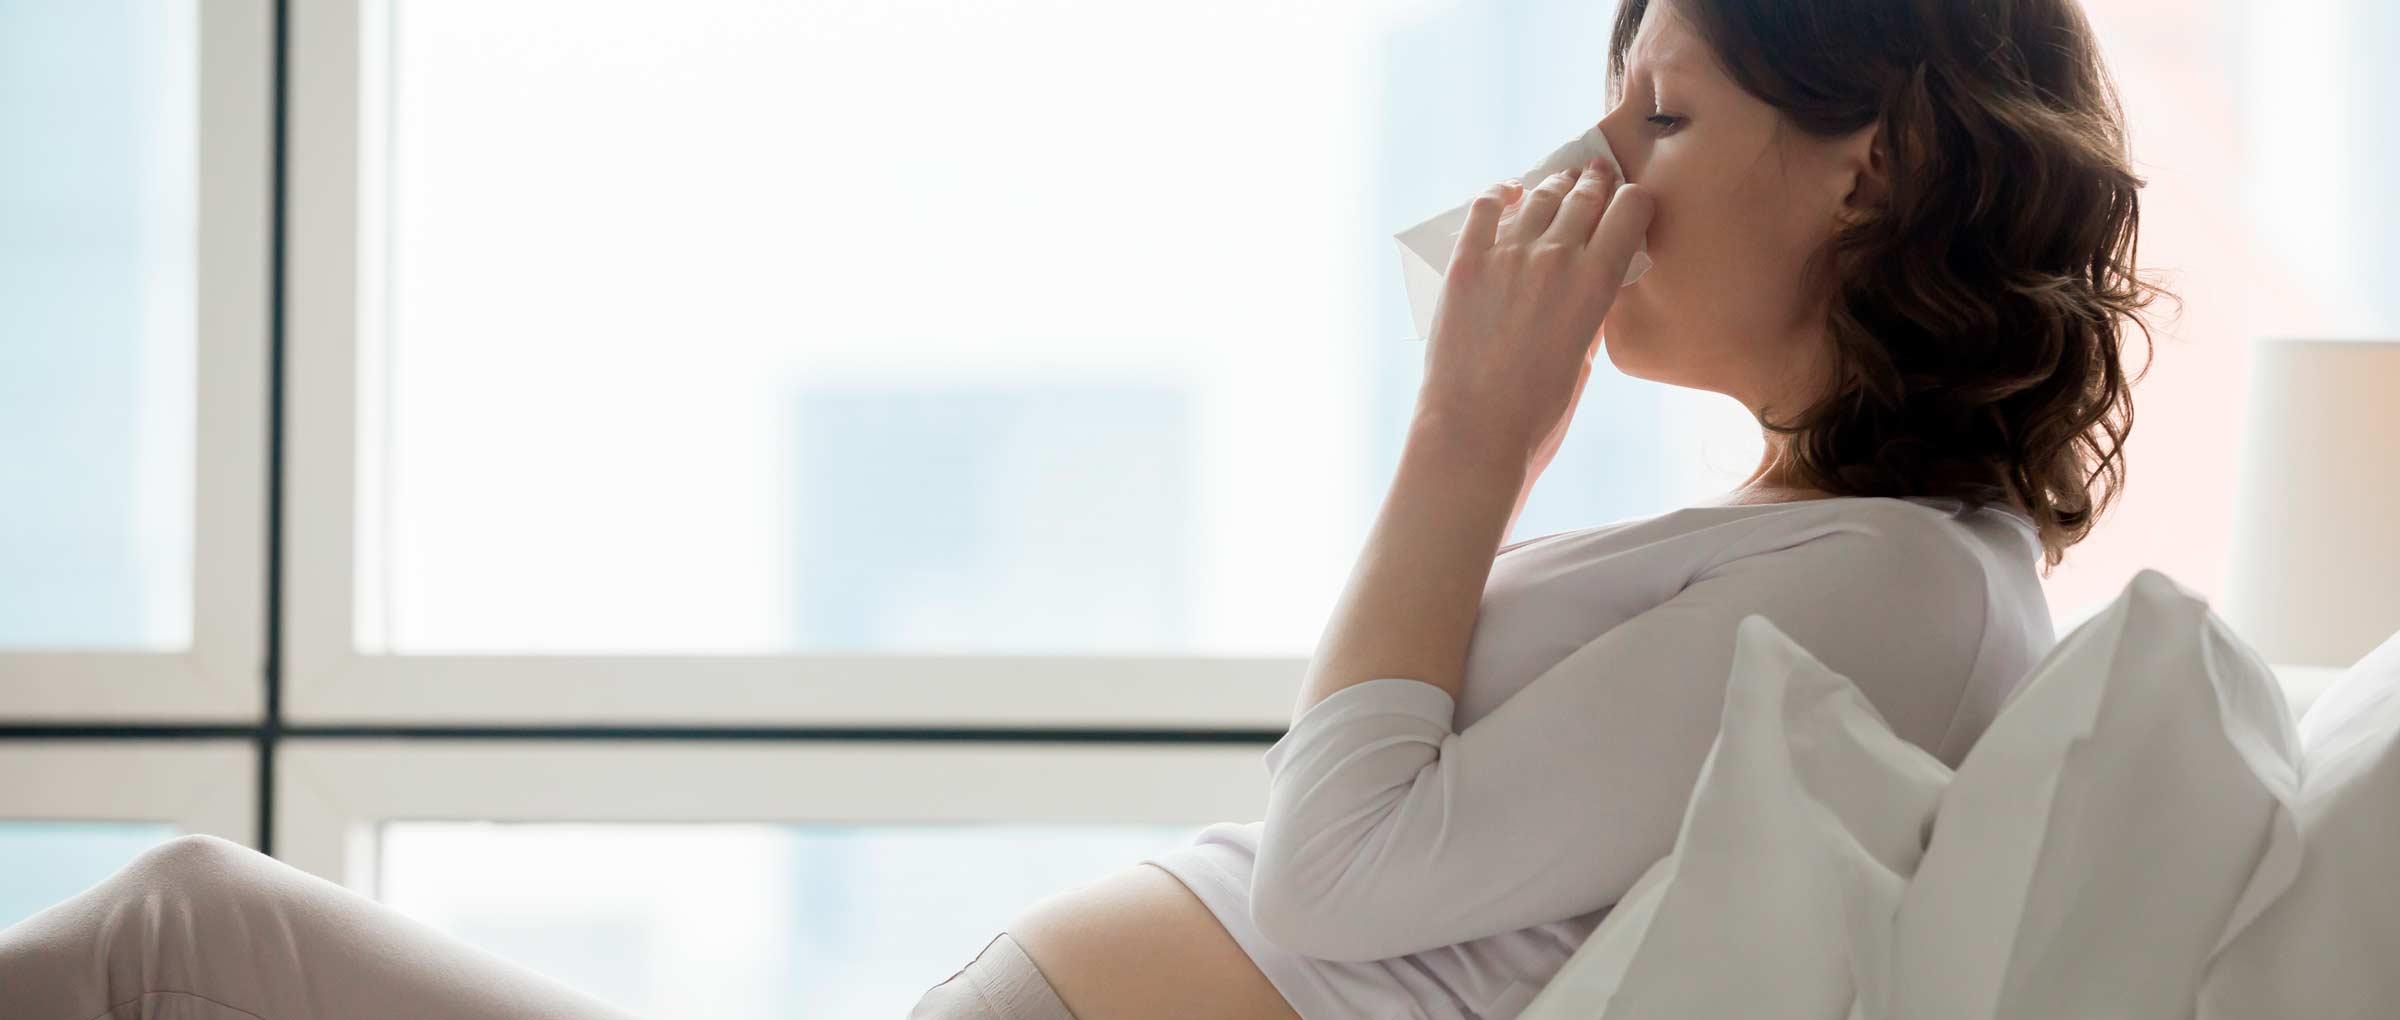 Cambios en la madre con 14 semanas de embarazo